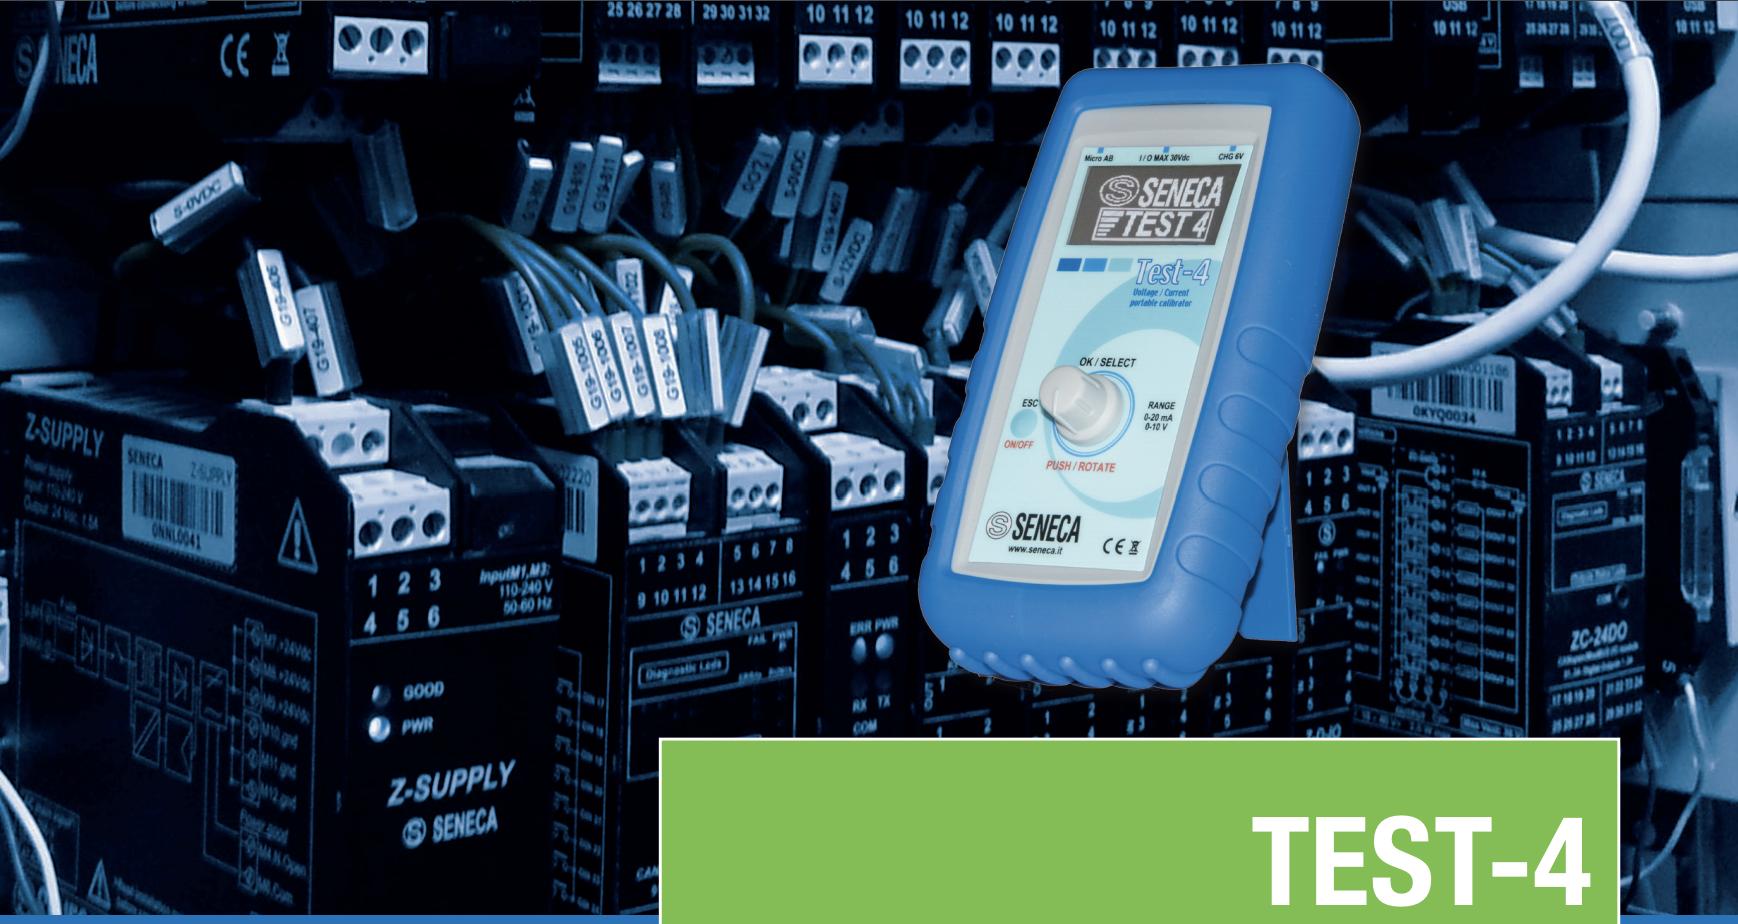 đồng hồ đo dòng 4-20mA TEST-4